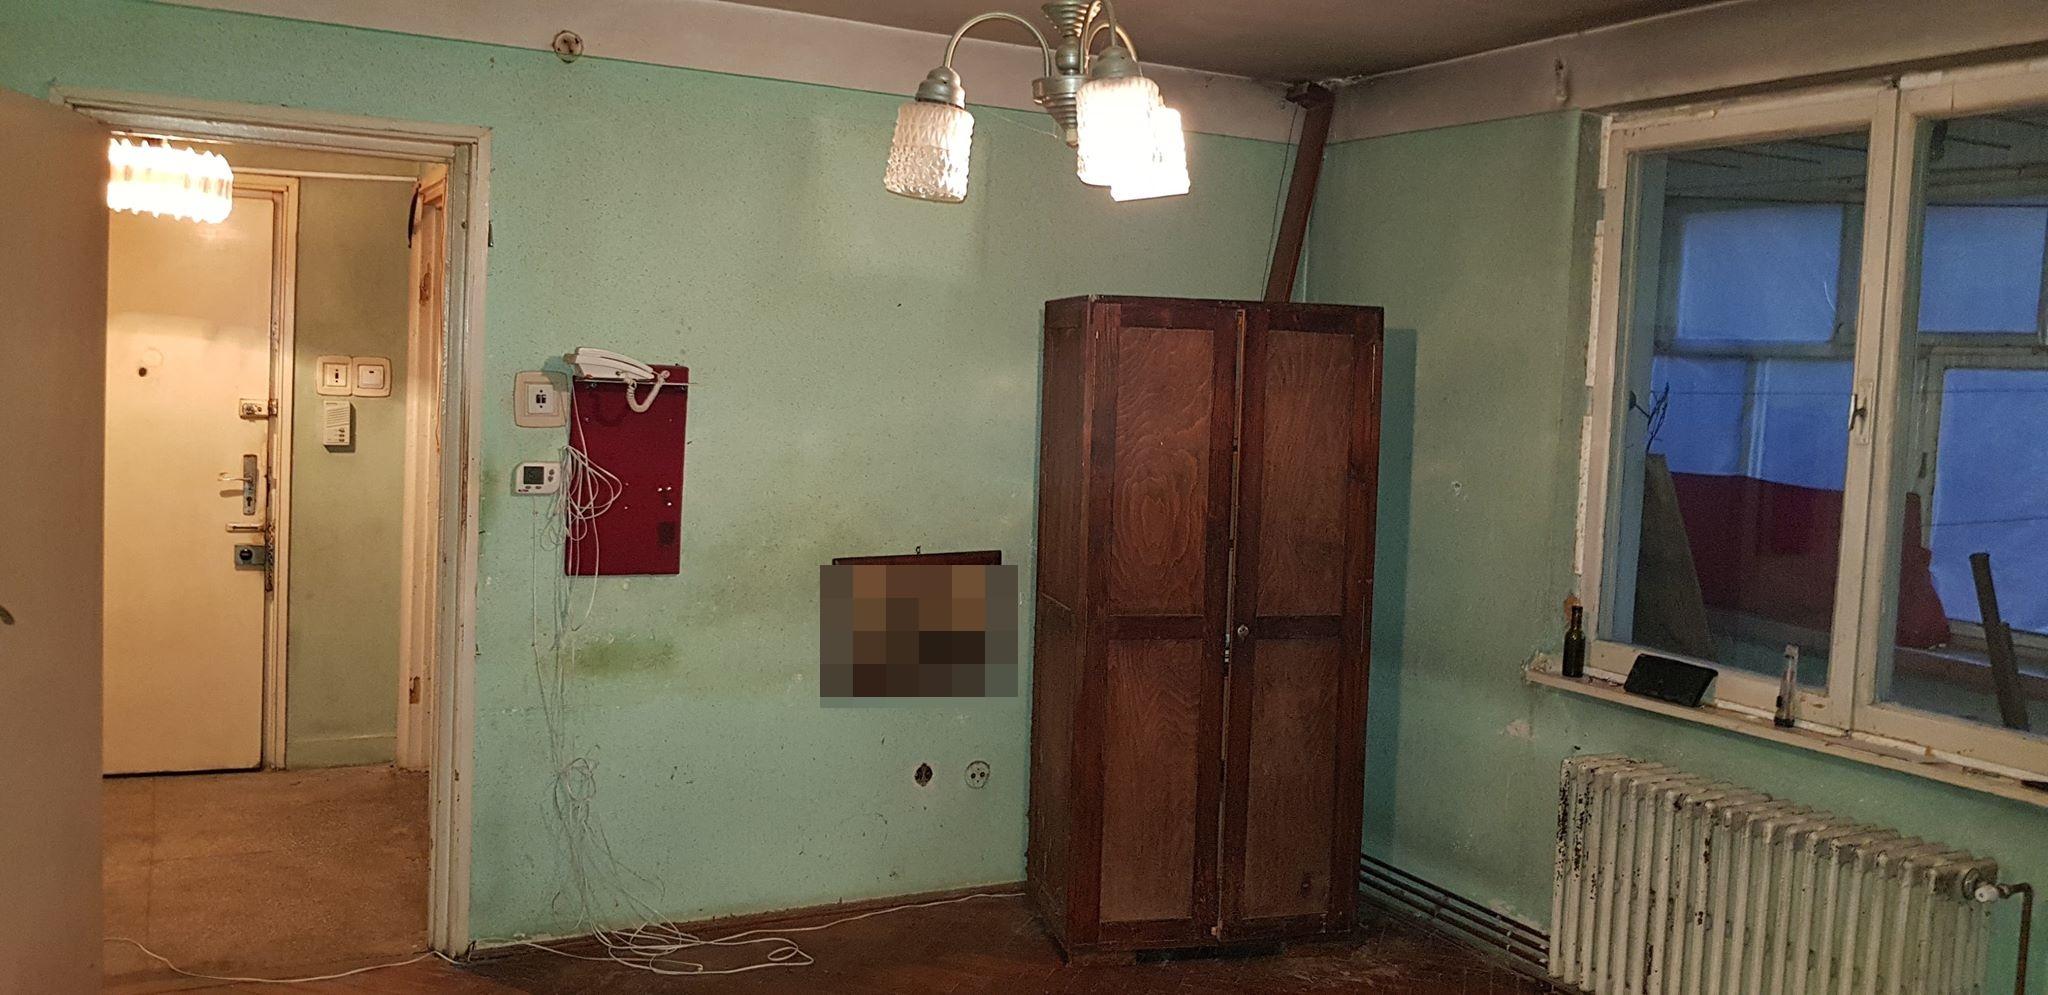 Apartament 2 camere nedecomandat de vanzare, Targu Mures Tudor zona Super